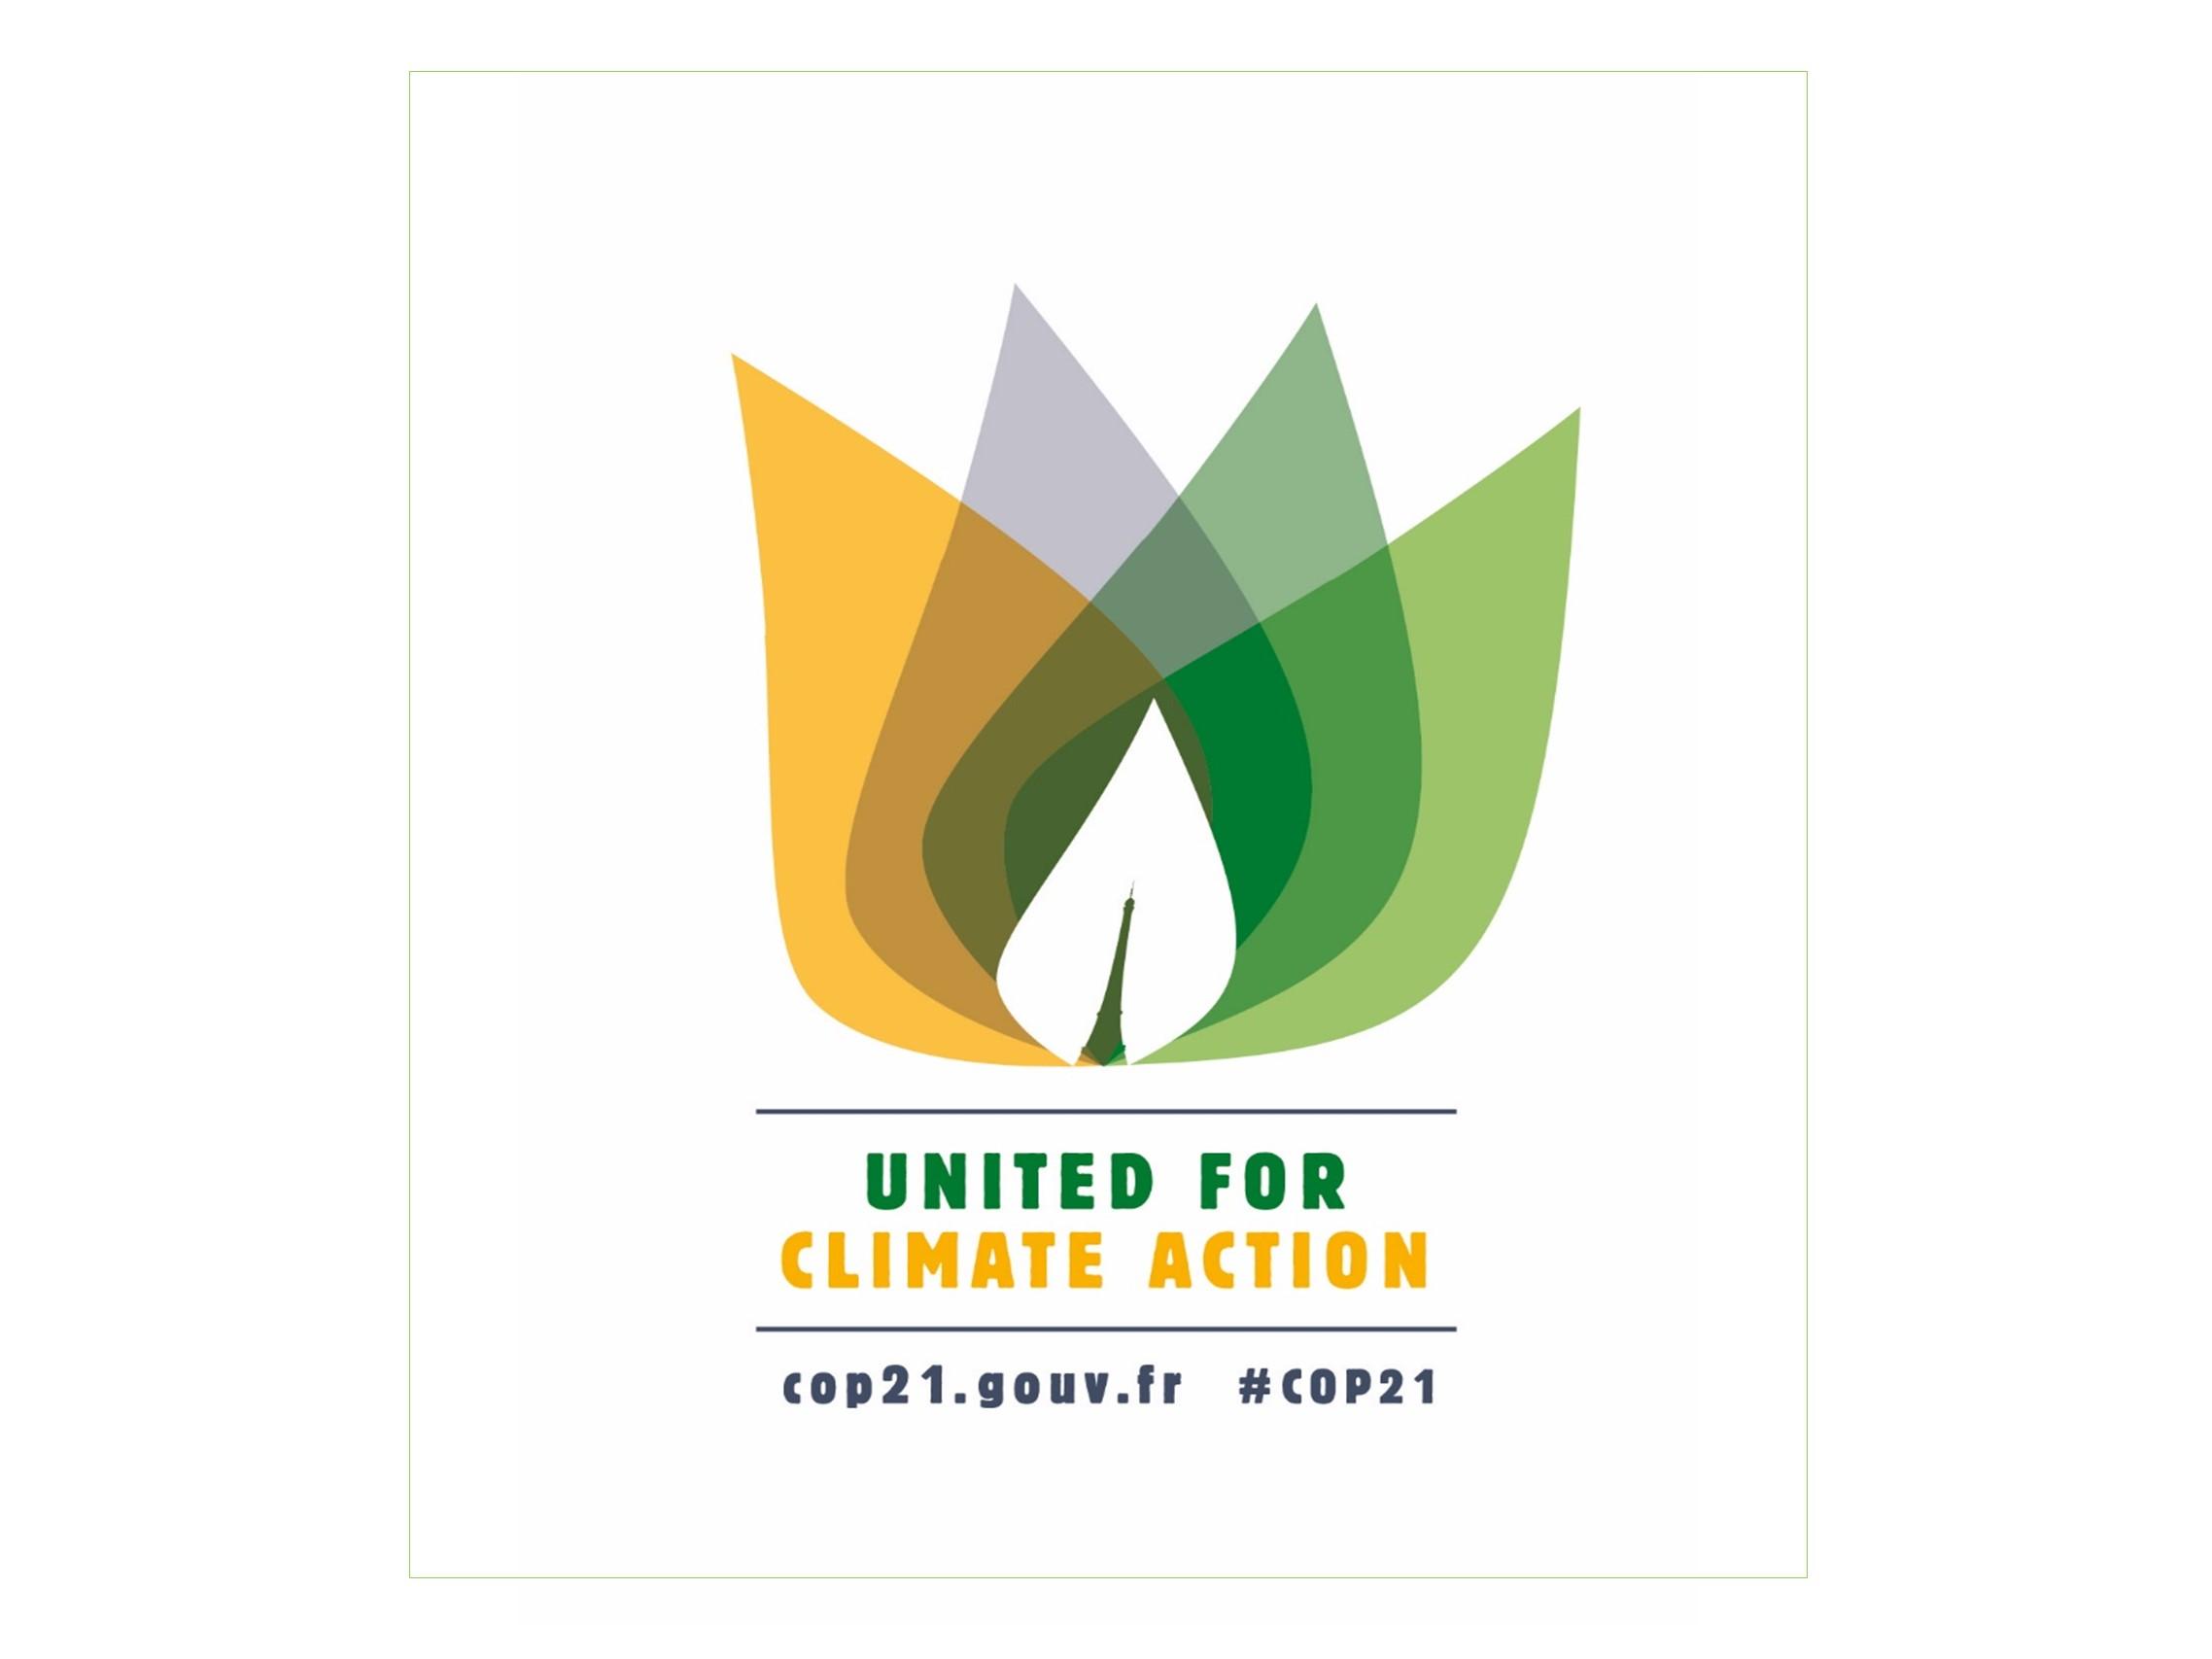 UN COP21 Logo landscape